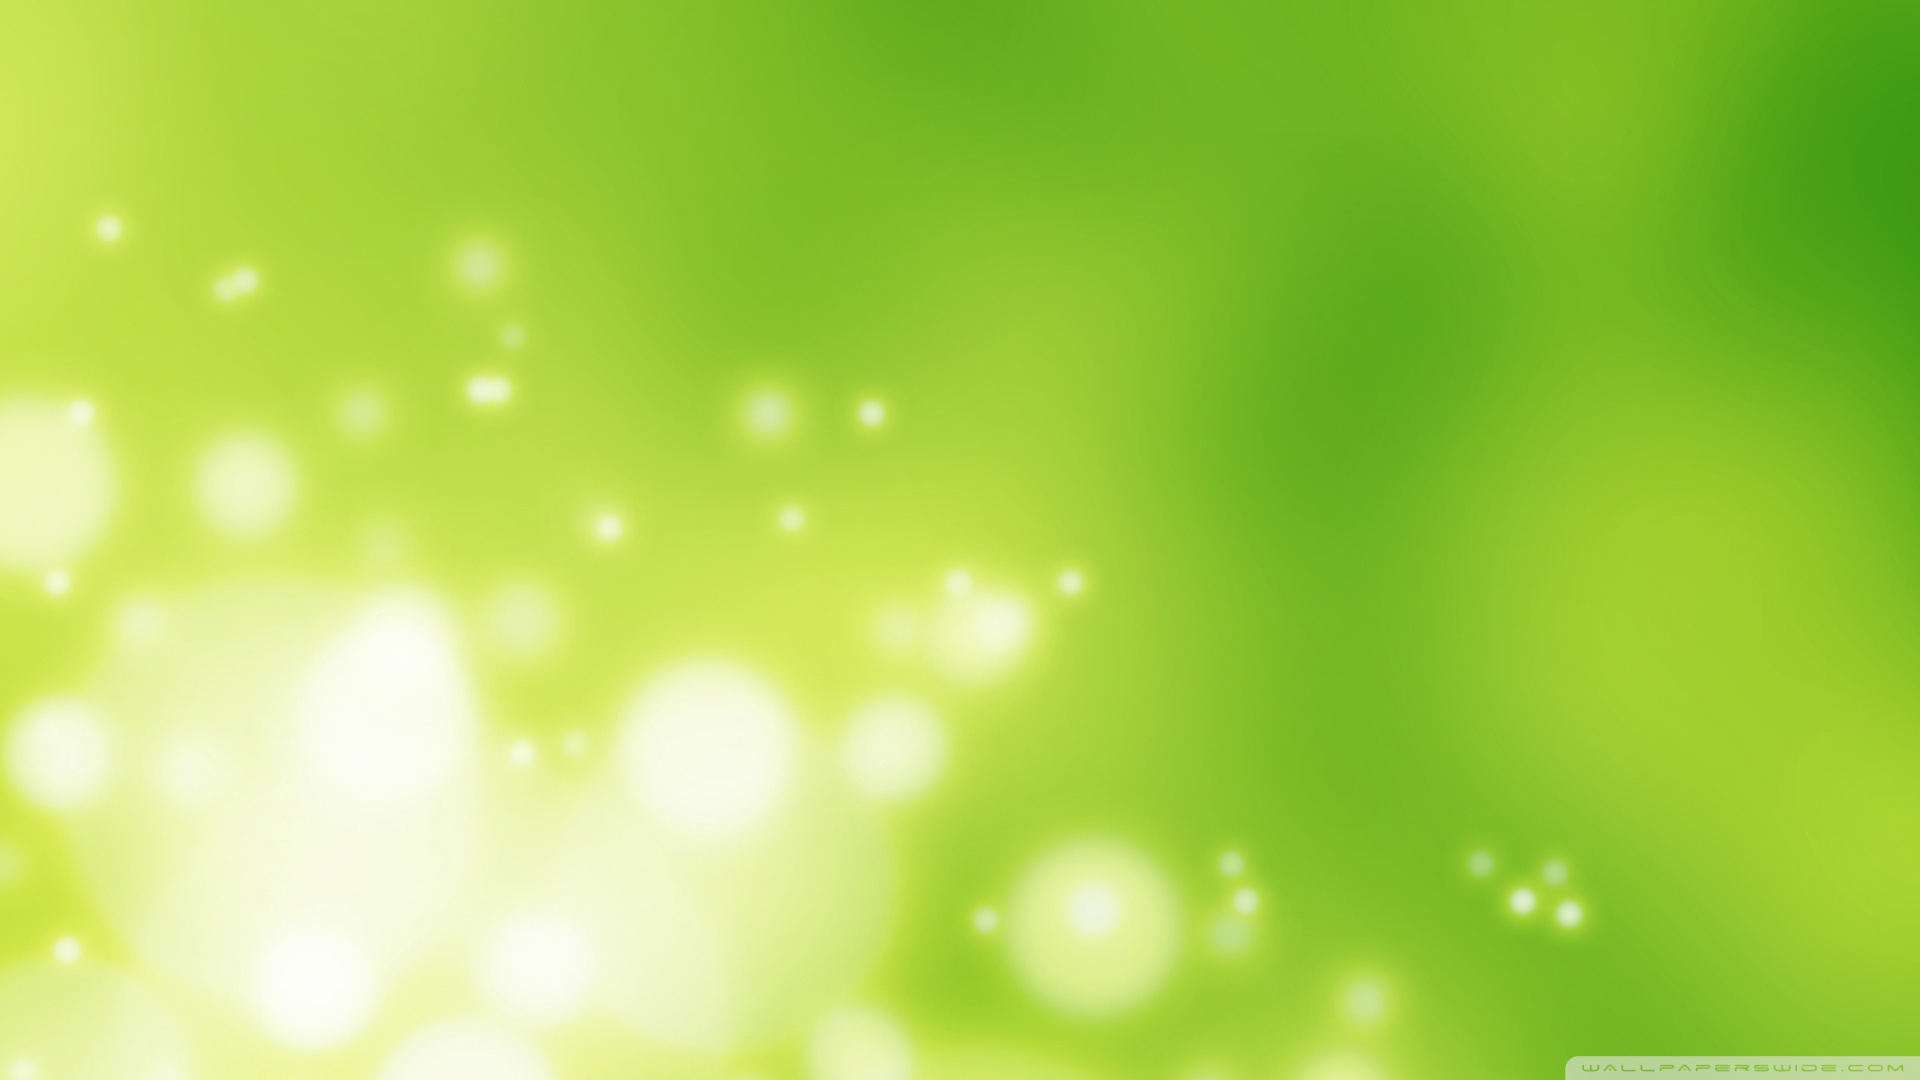 خلفيات خضراء عالية الوضوح للتحميل مجانا Lime Green Texture Background